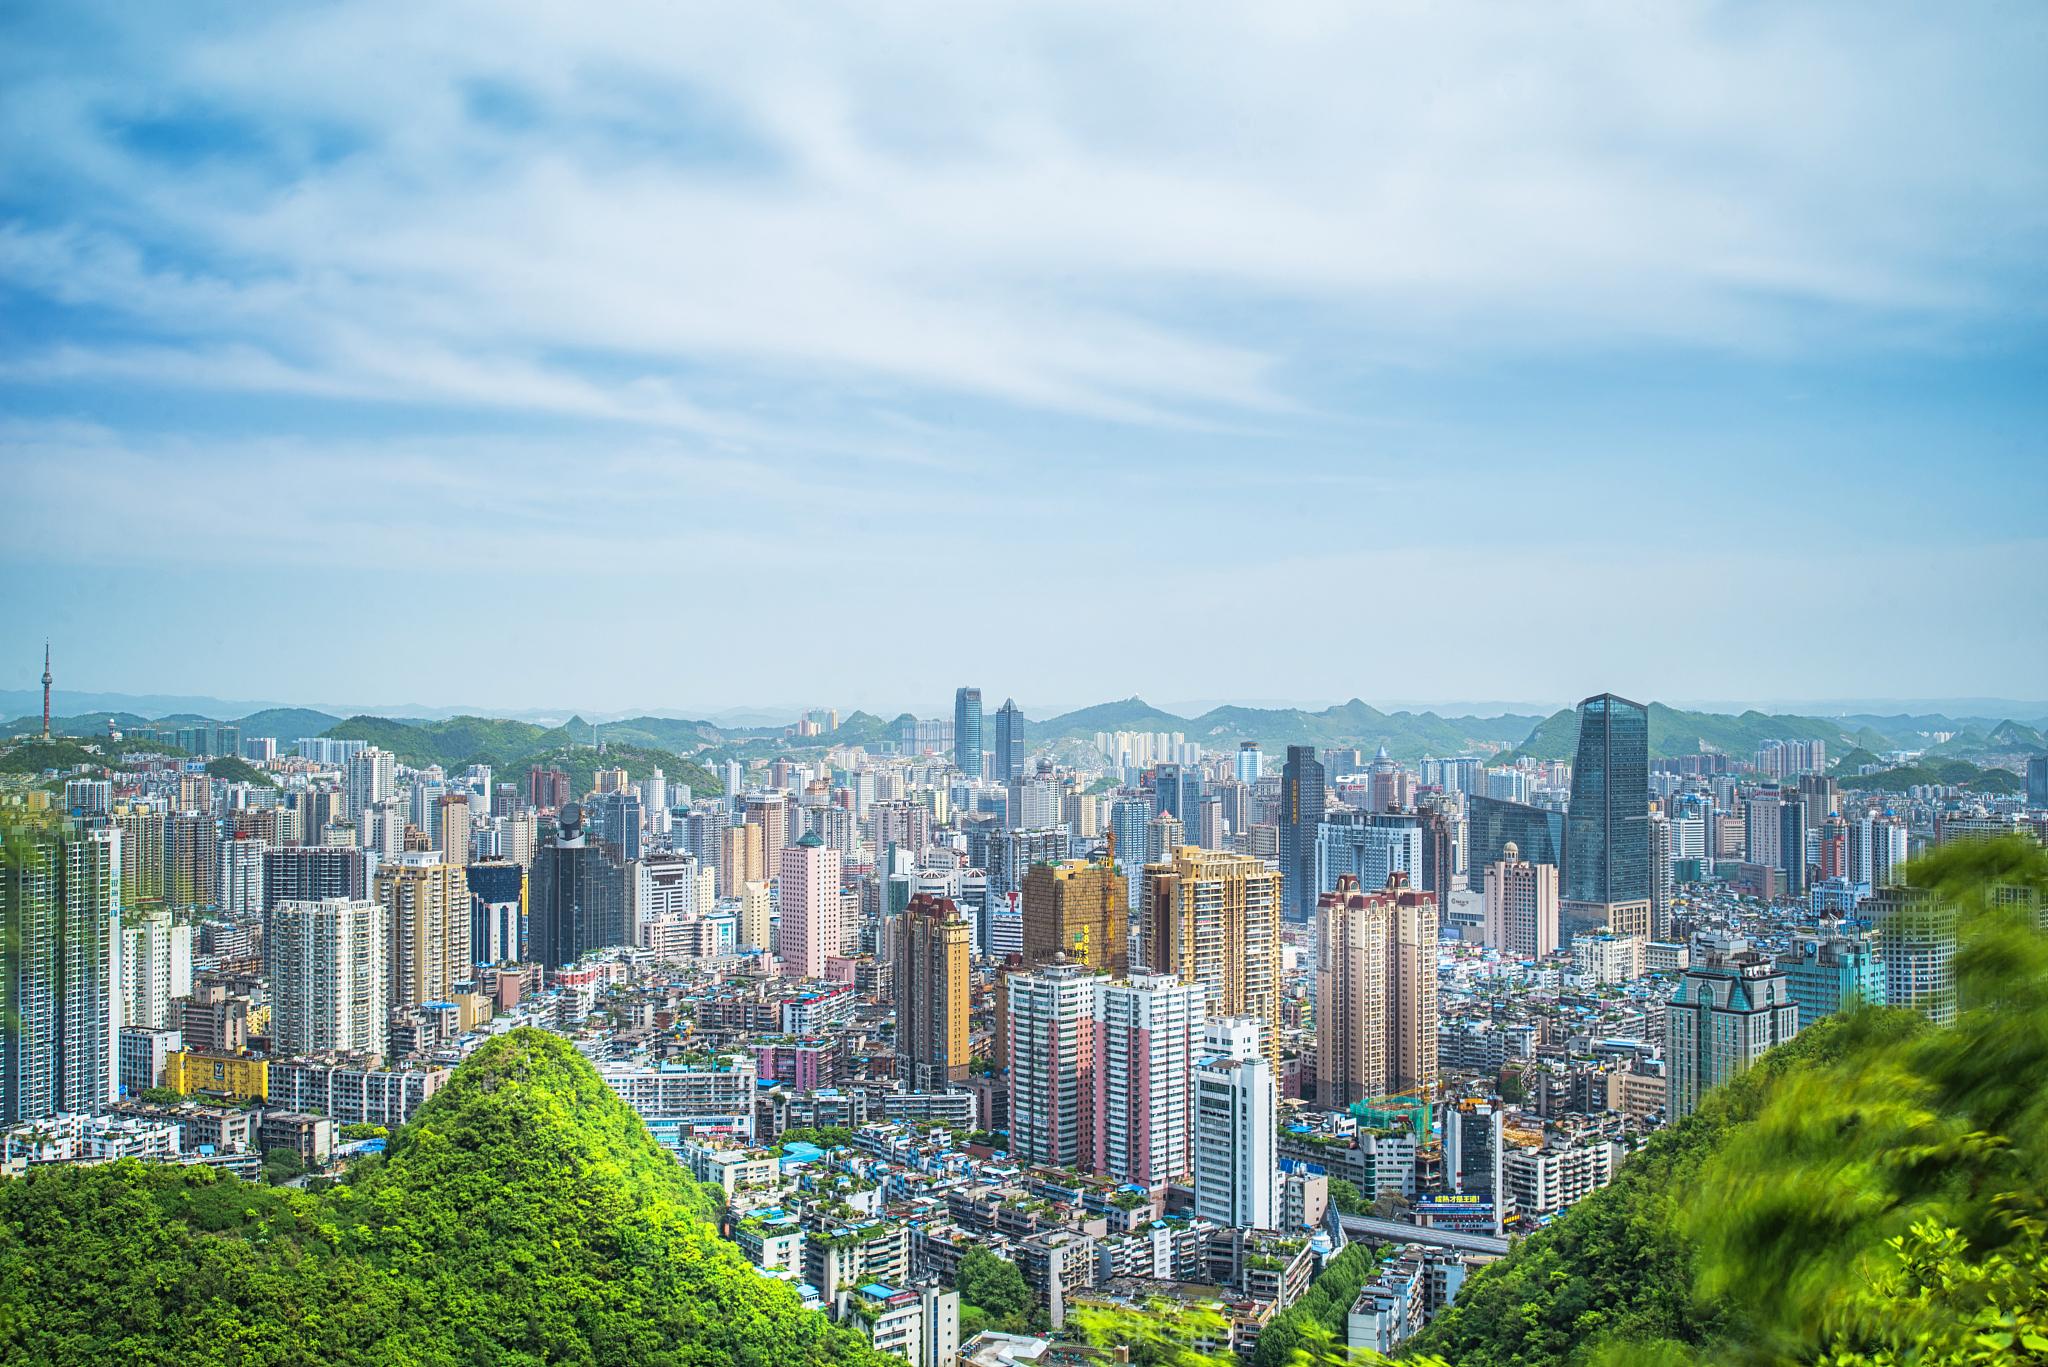 省政府批准《黔中经济区核心区空间发展战略规划》 惠水纳入贵阳都市区范围